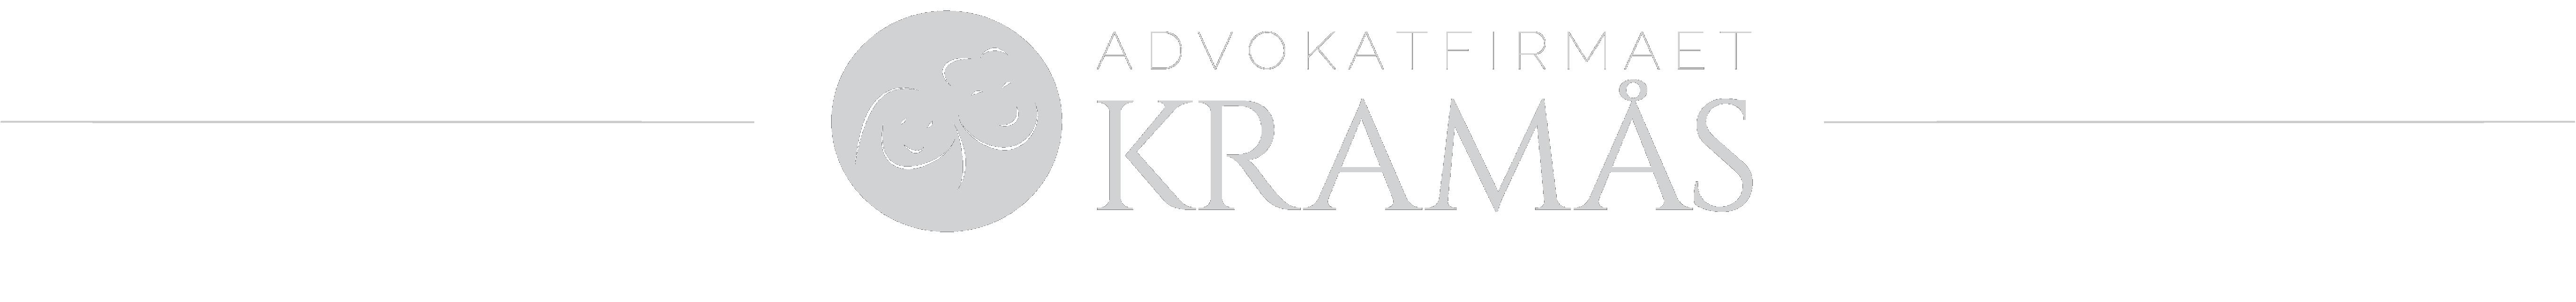 Advokatfirmaet Kramås